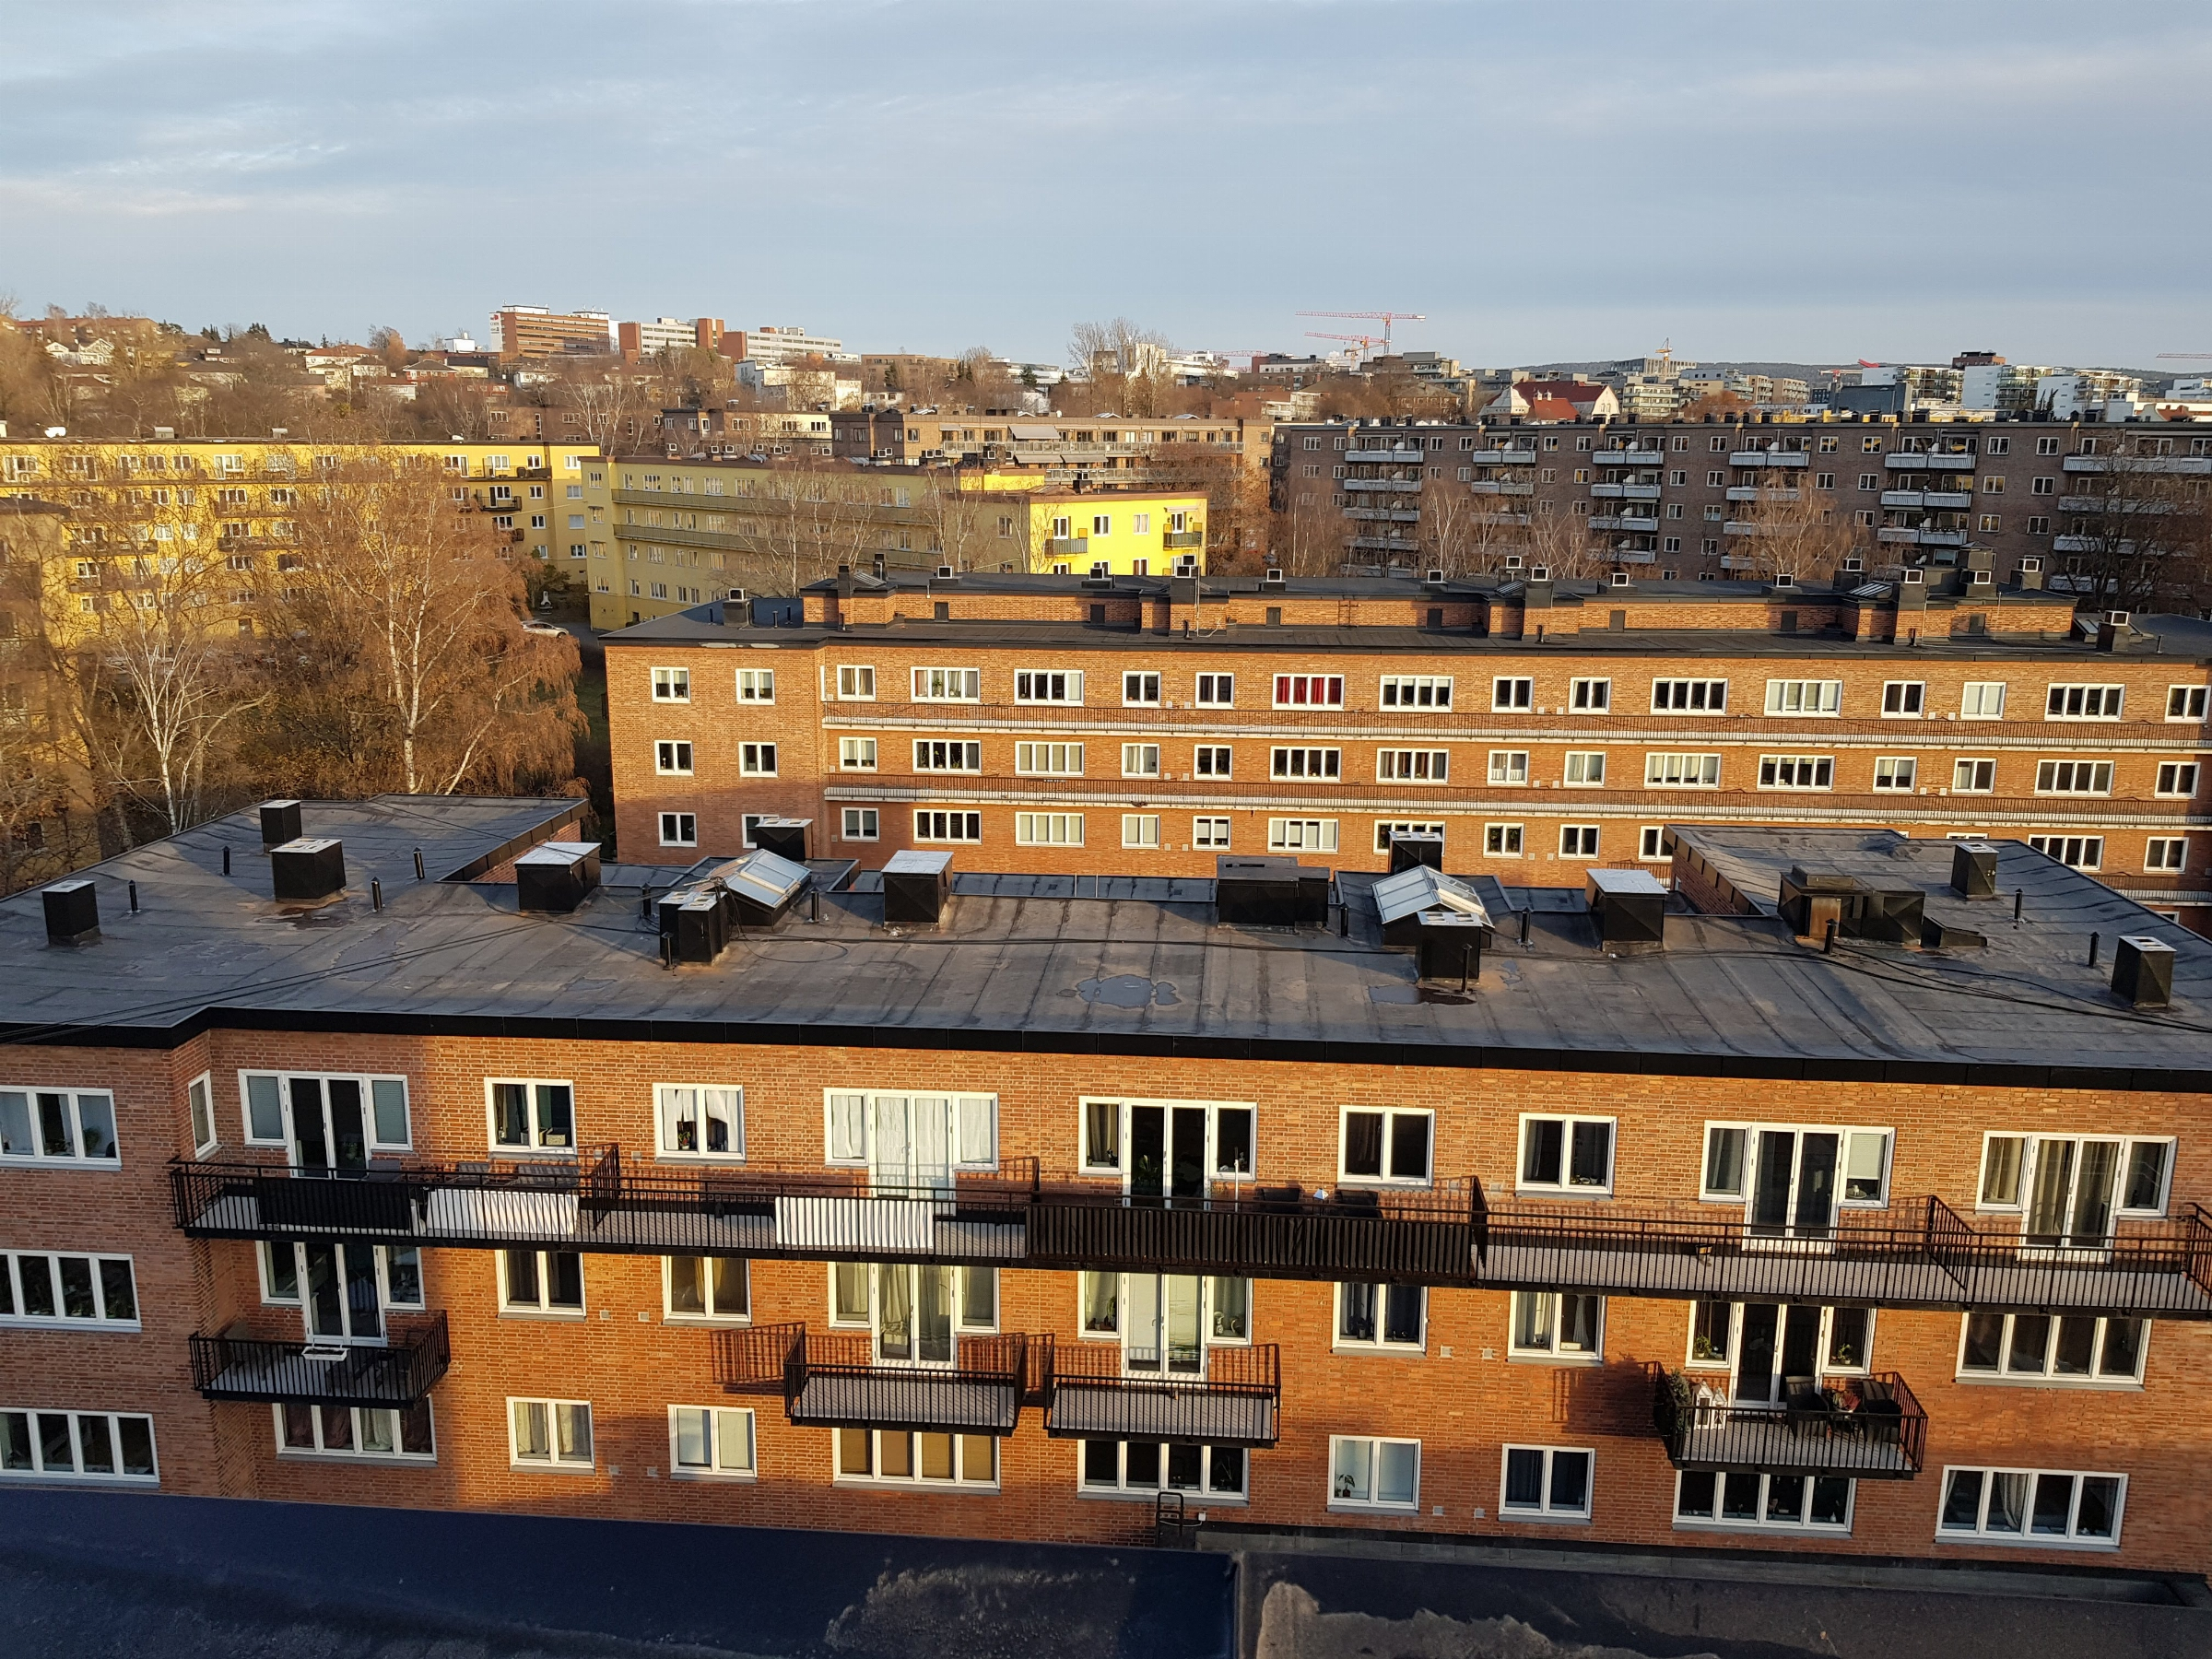 Sameiet Bjørn Stallaresvei 3-9, Oslo